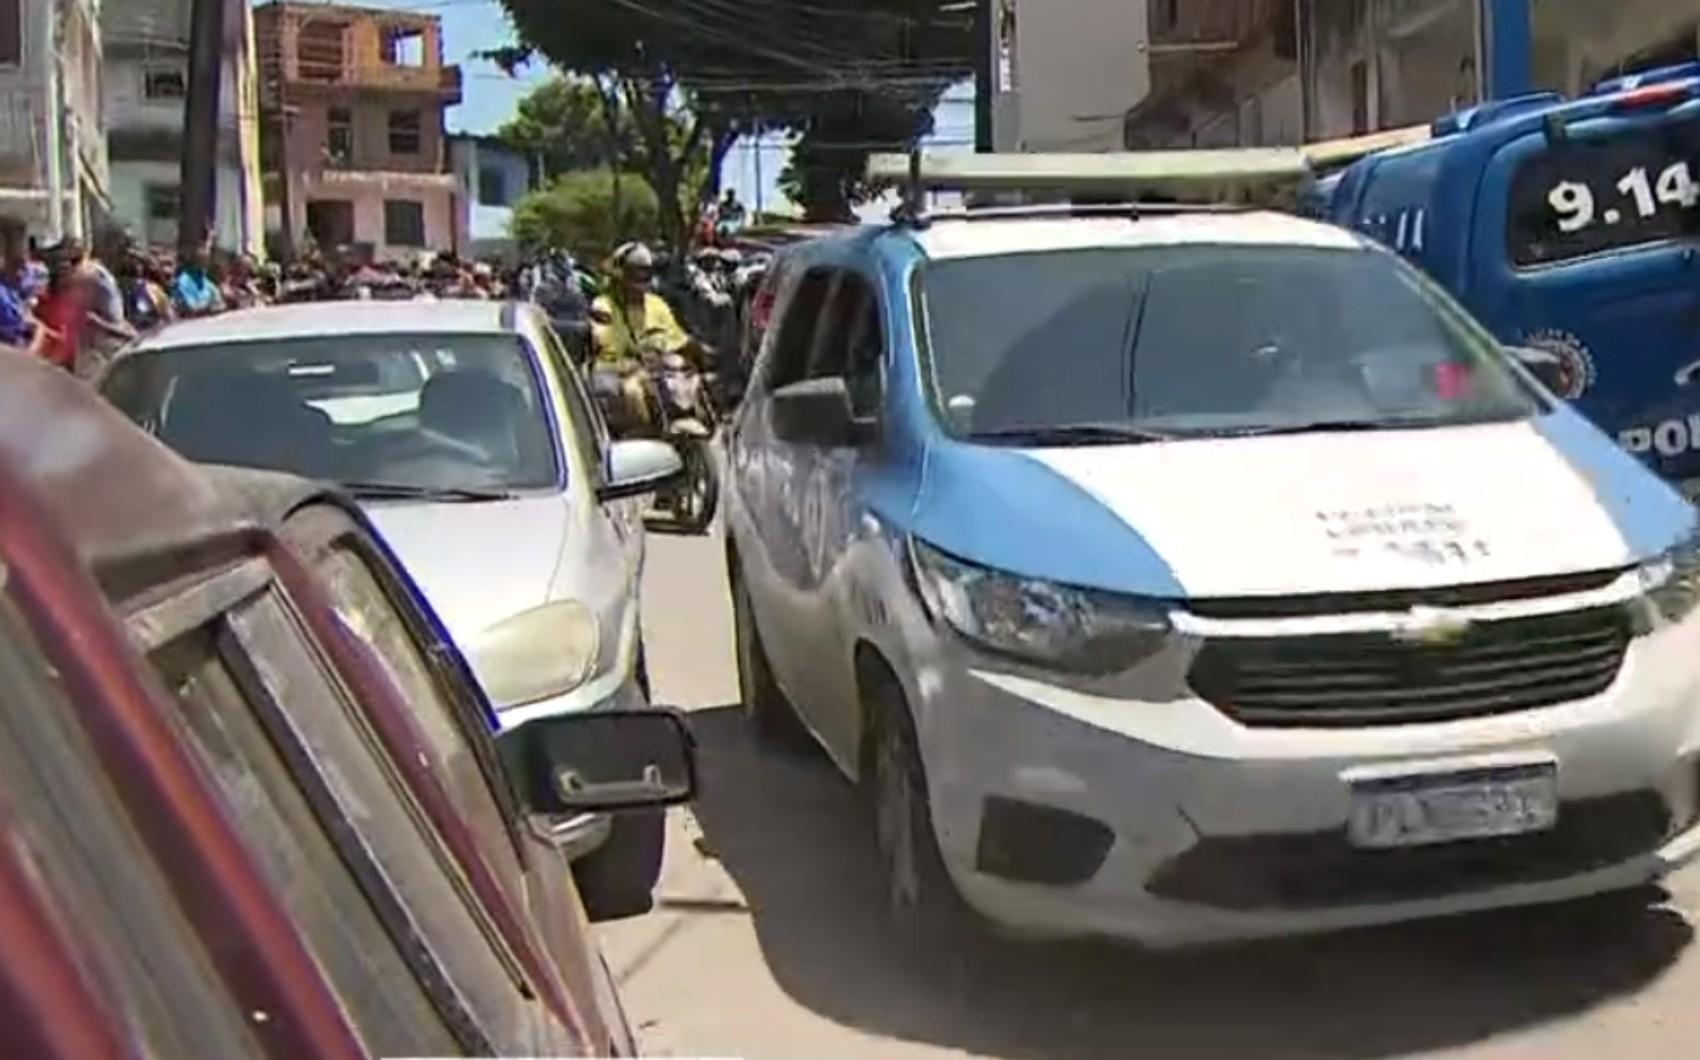 Suspeitos de assalto invadem imóvel e fazem moradores reféns no bairro de Boa Vista do Lobato, em Salvador